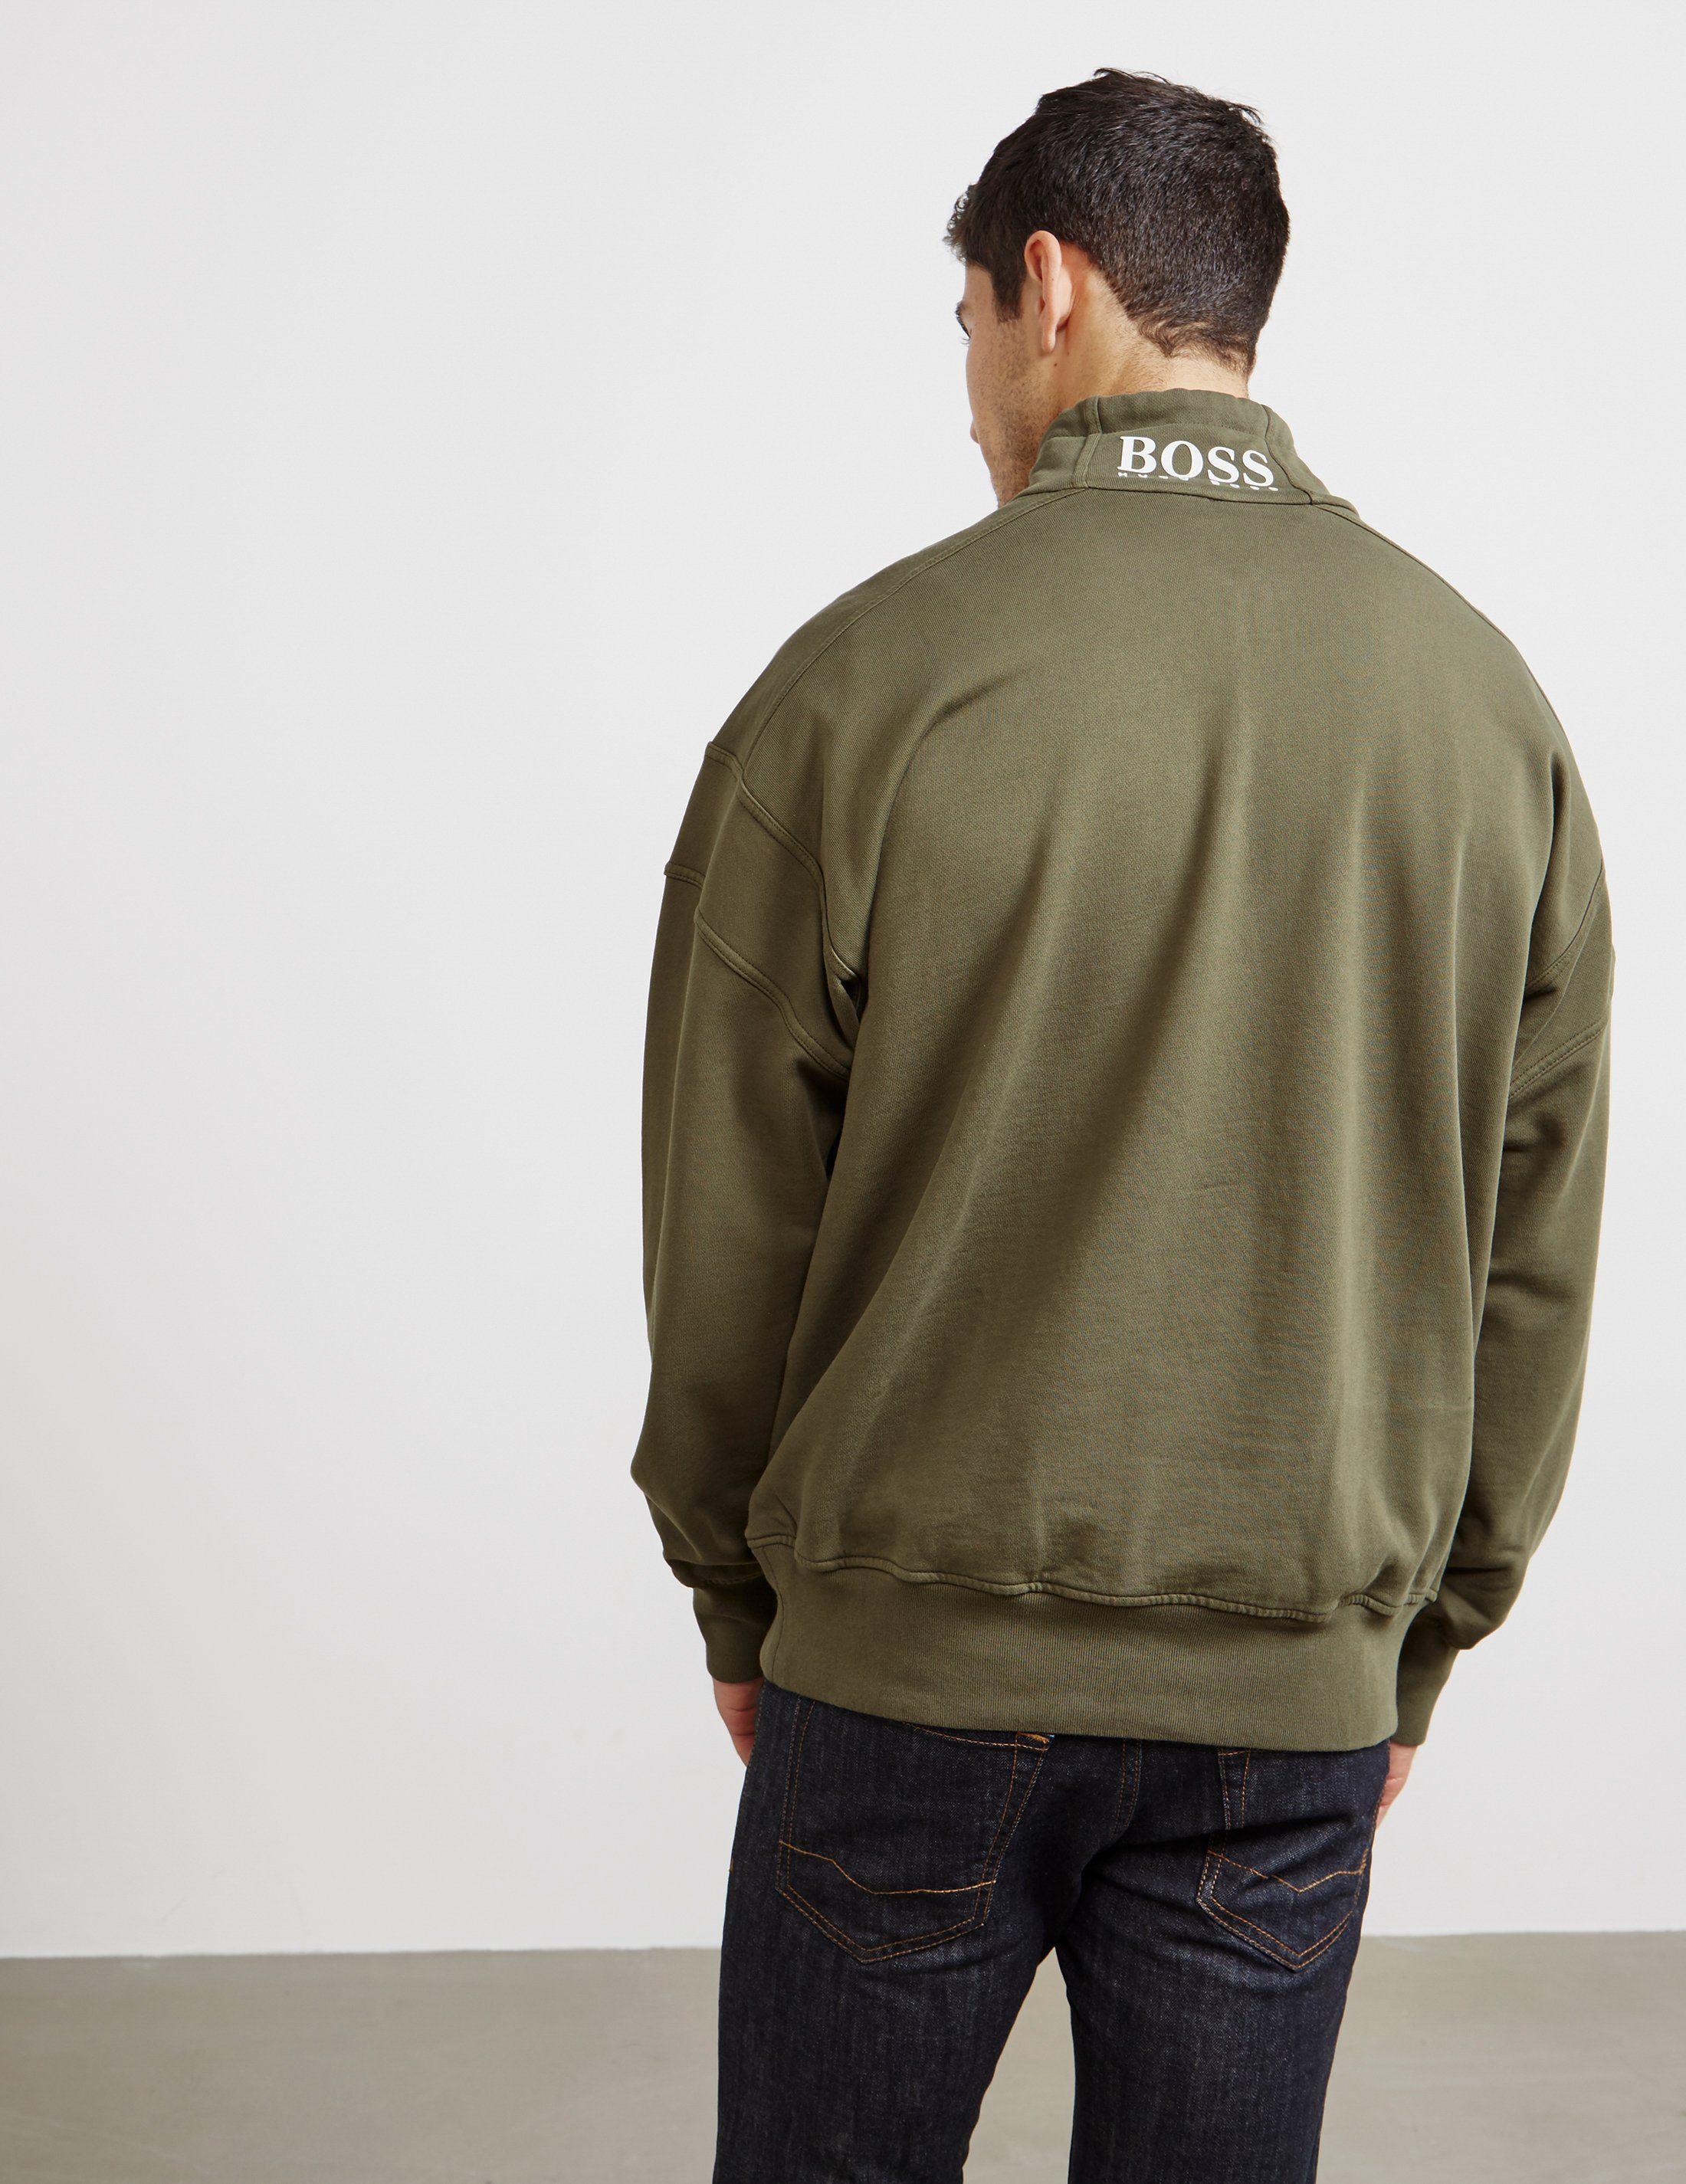 BOSS Ztallone Half Zip Fleece Track Top